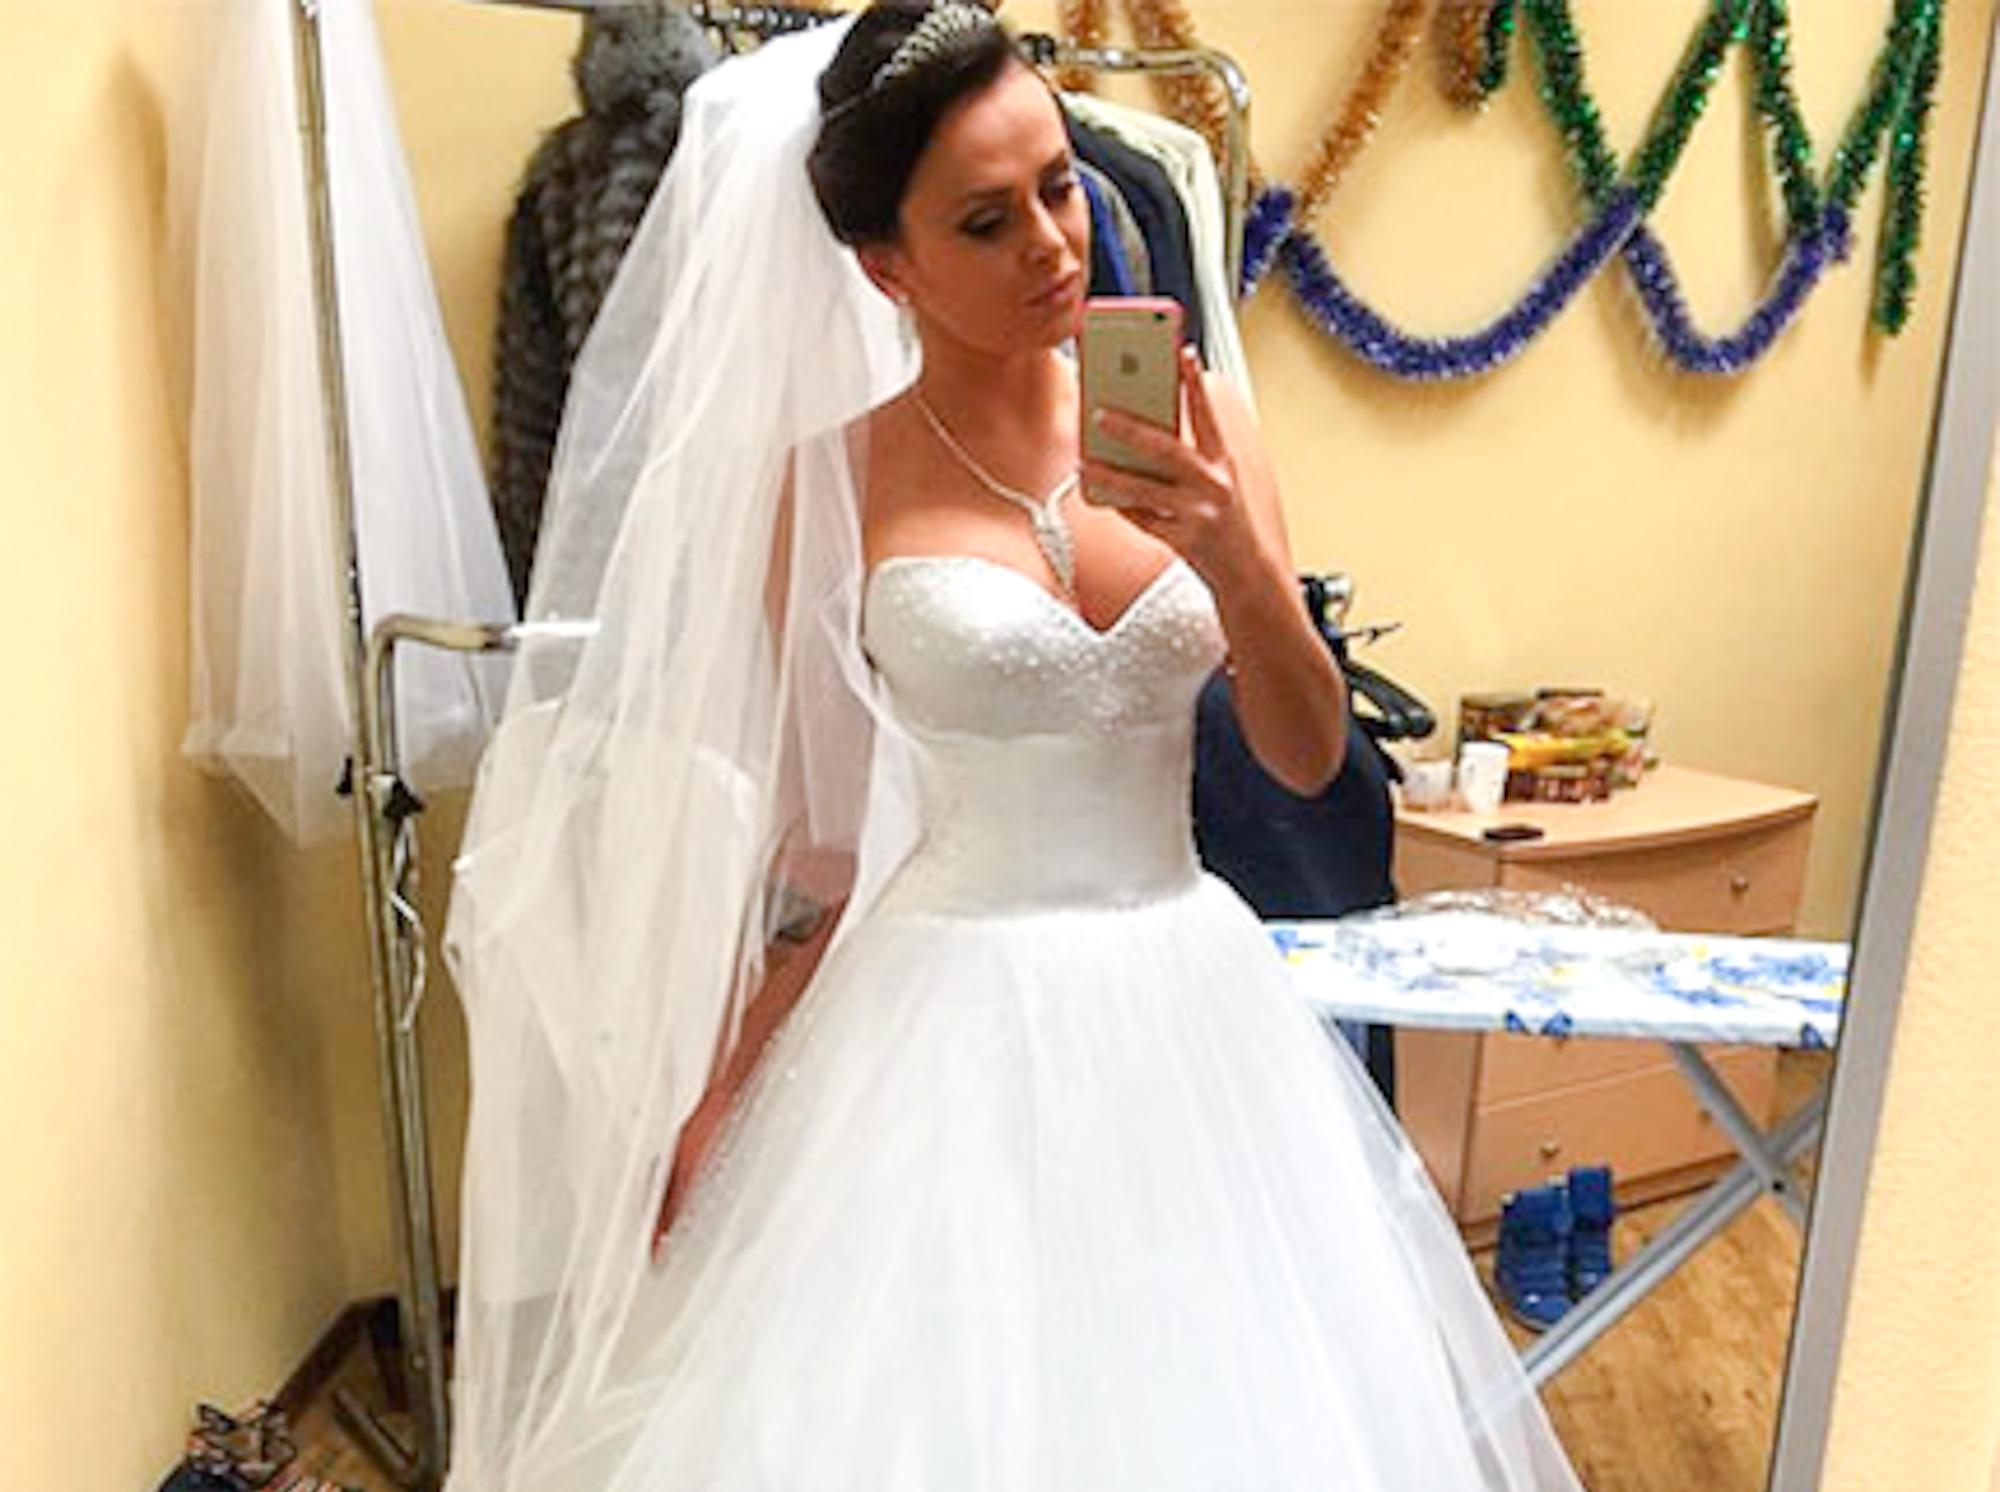 735a03c36781ab0 Дом-2 новости: Виктория Романец в свадебном платье сделала предложение  Андрею Черкасову, Элина Камирен попала в больницу вместе с дочерью  Александрой